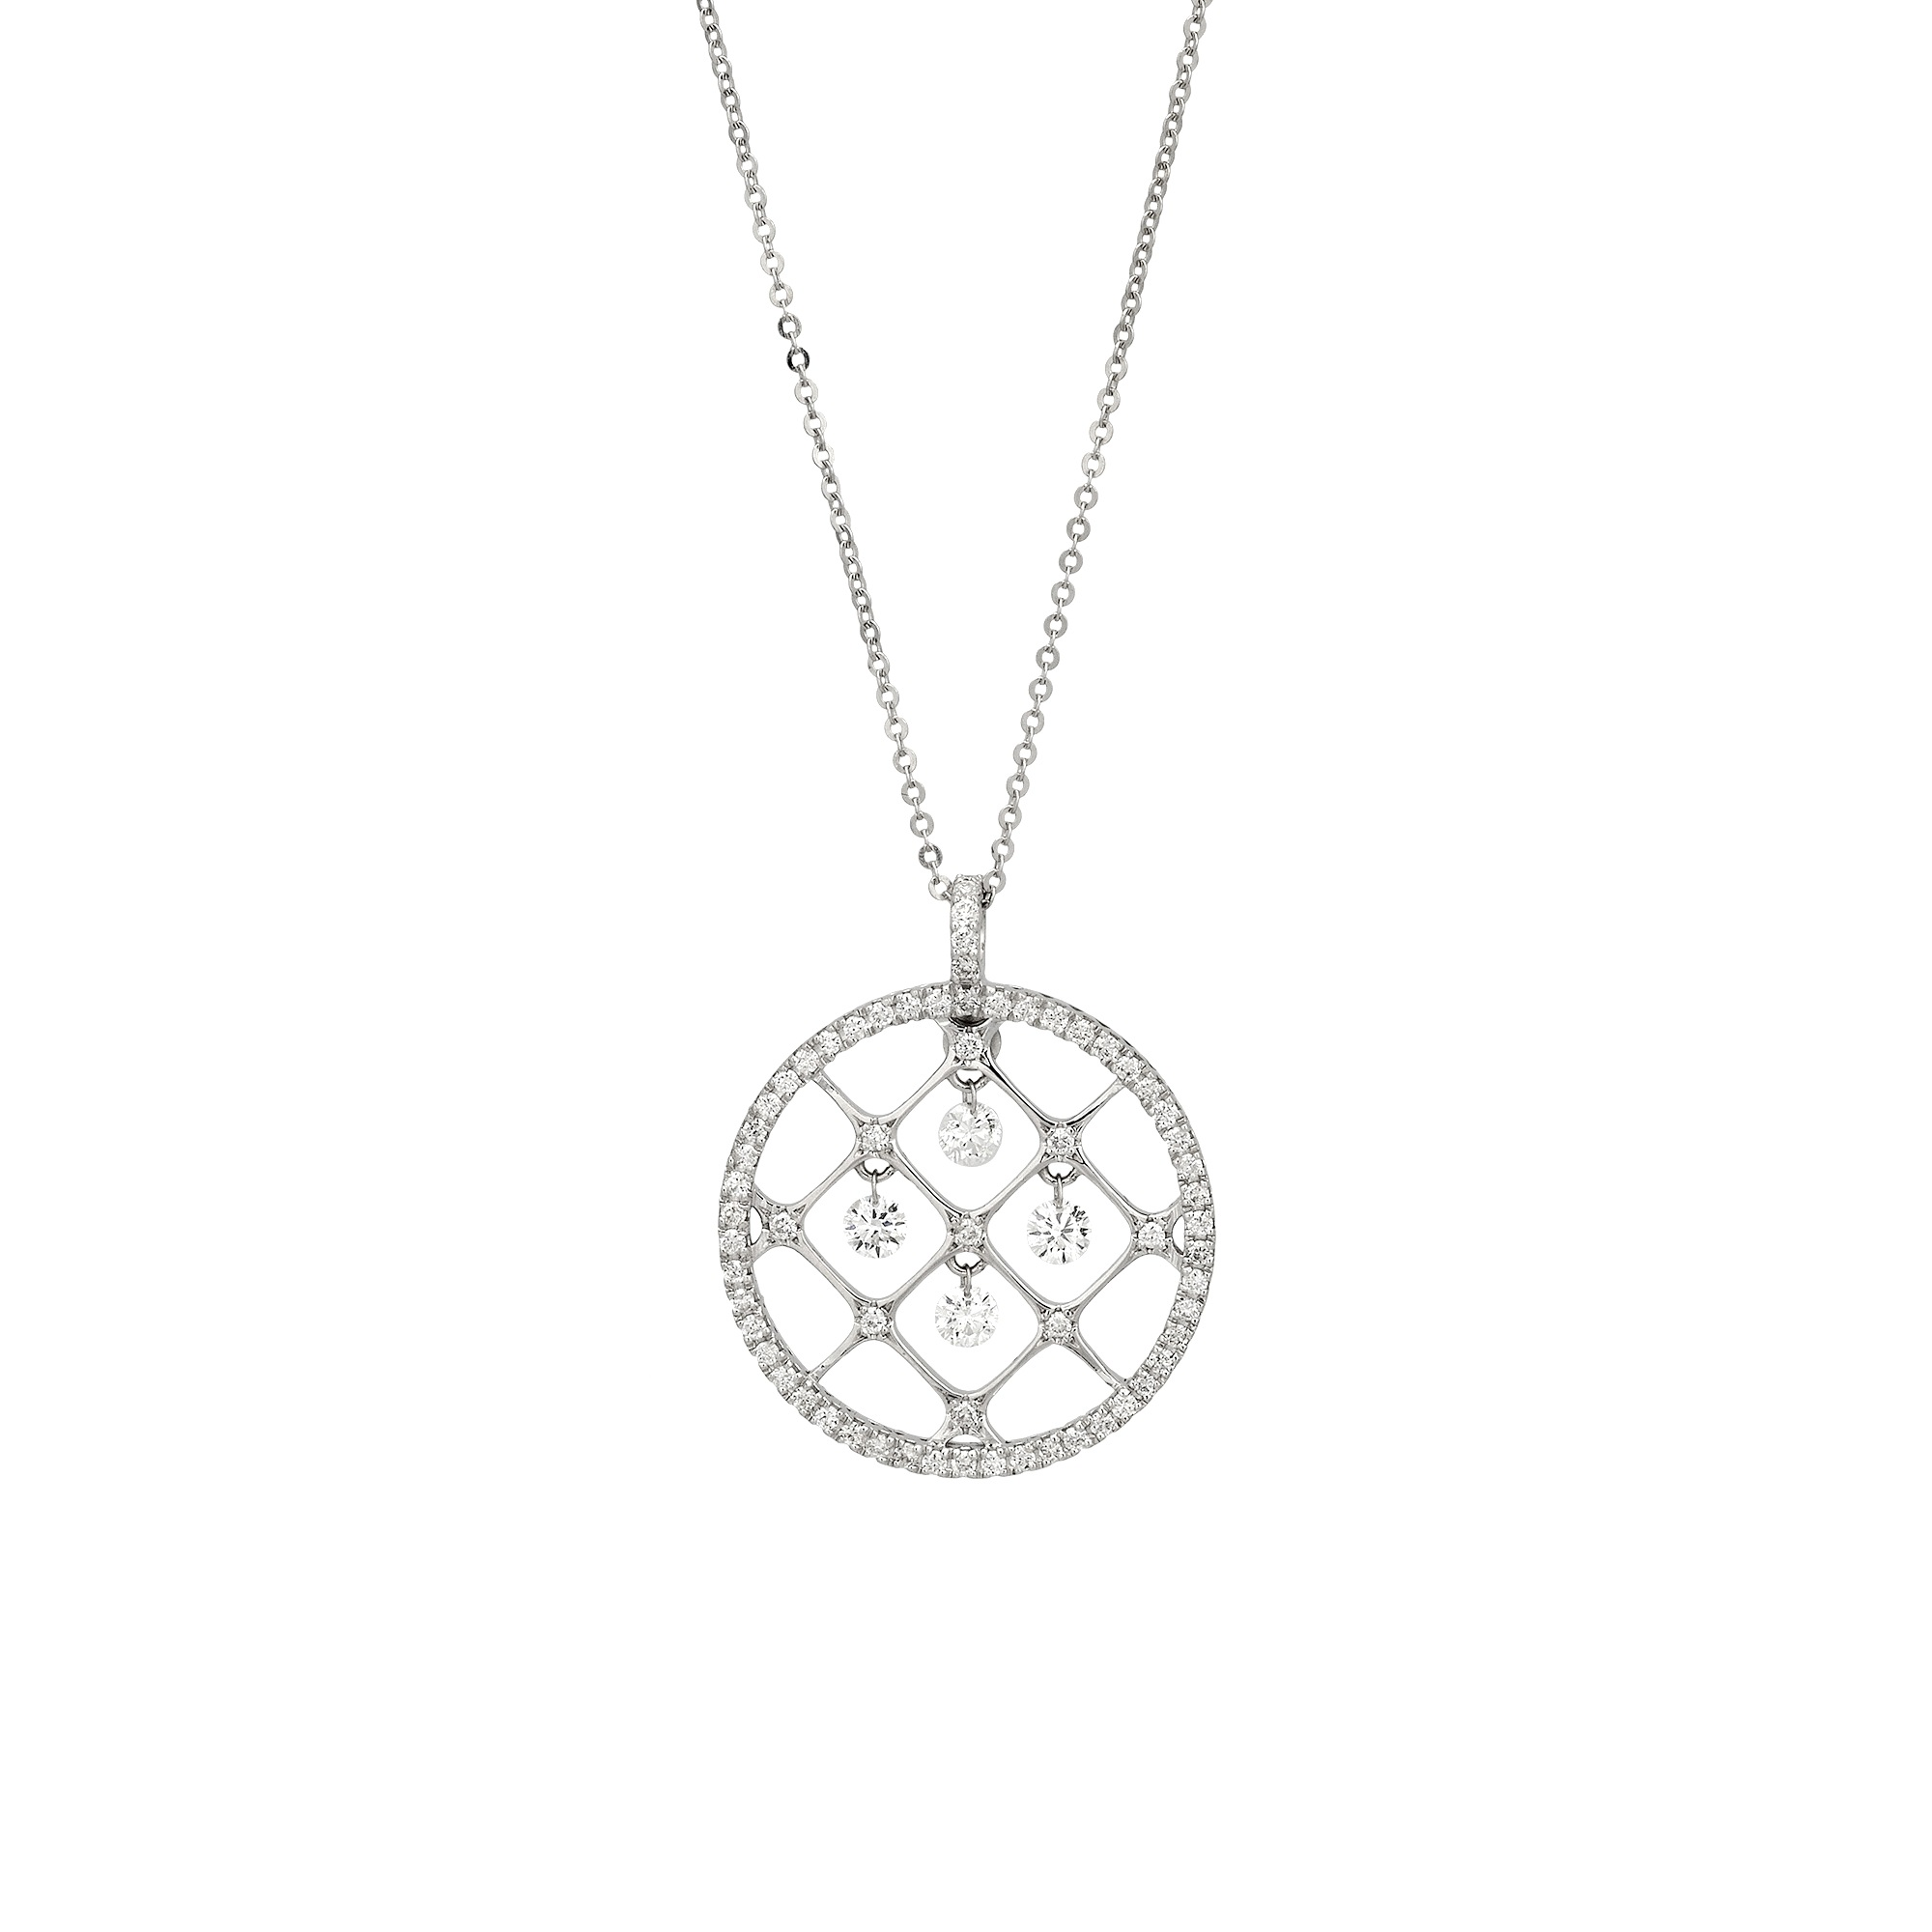 Collier aus Weißgold mit Diamanten